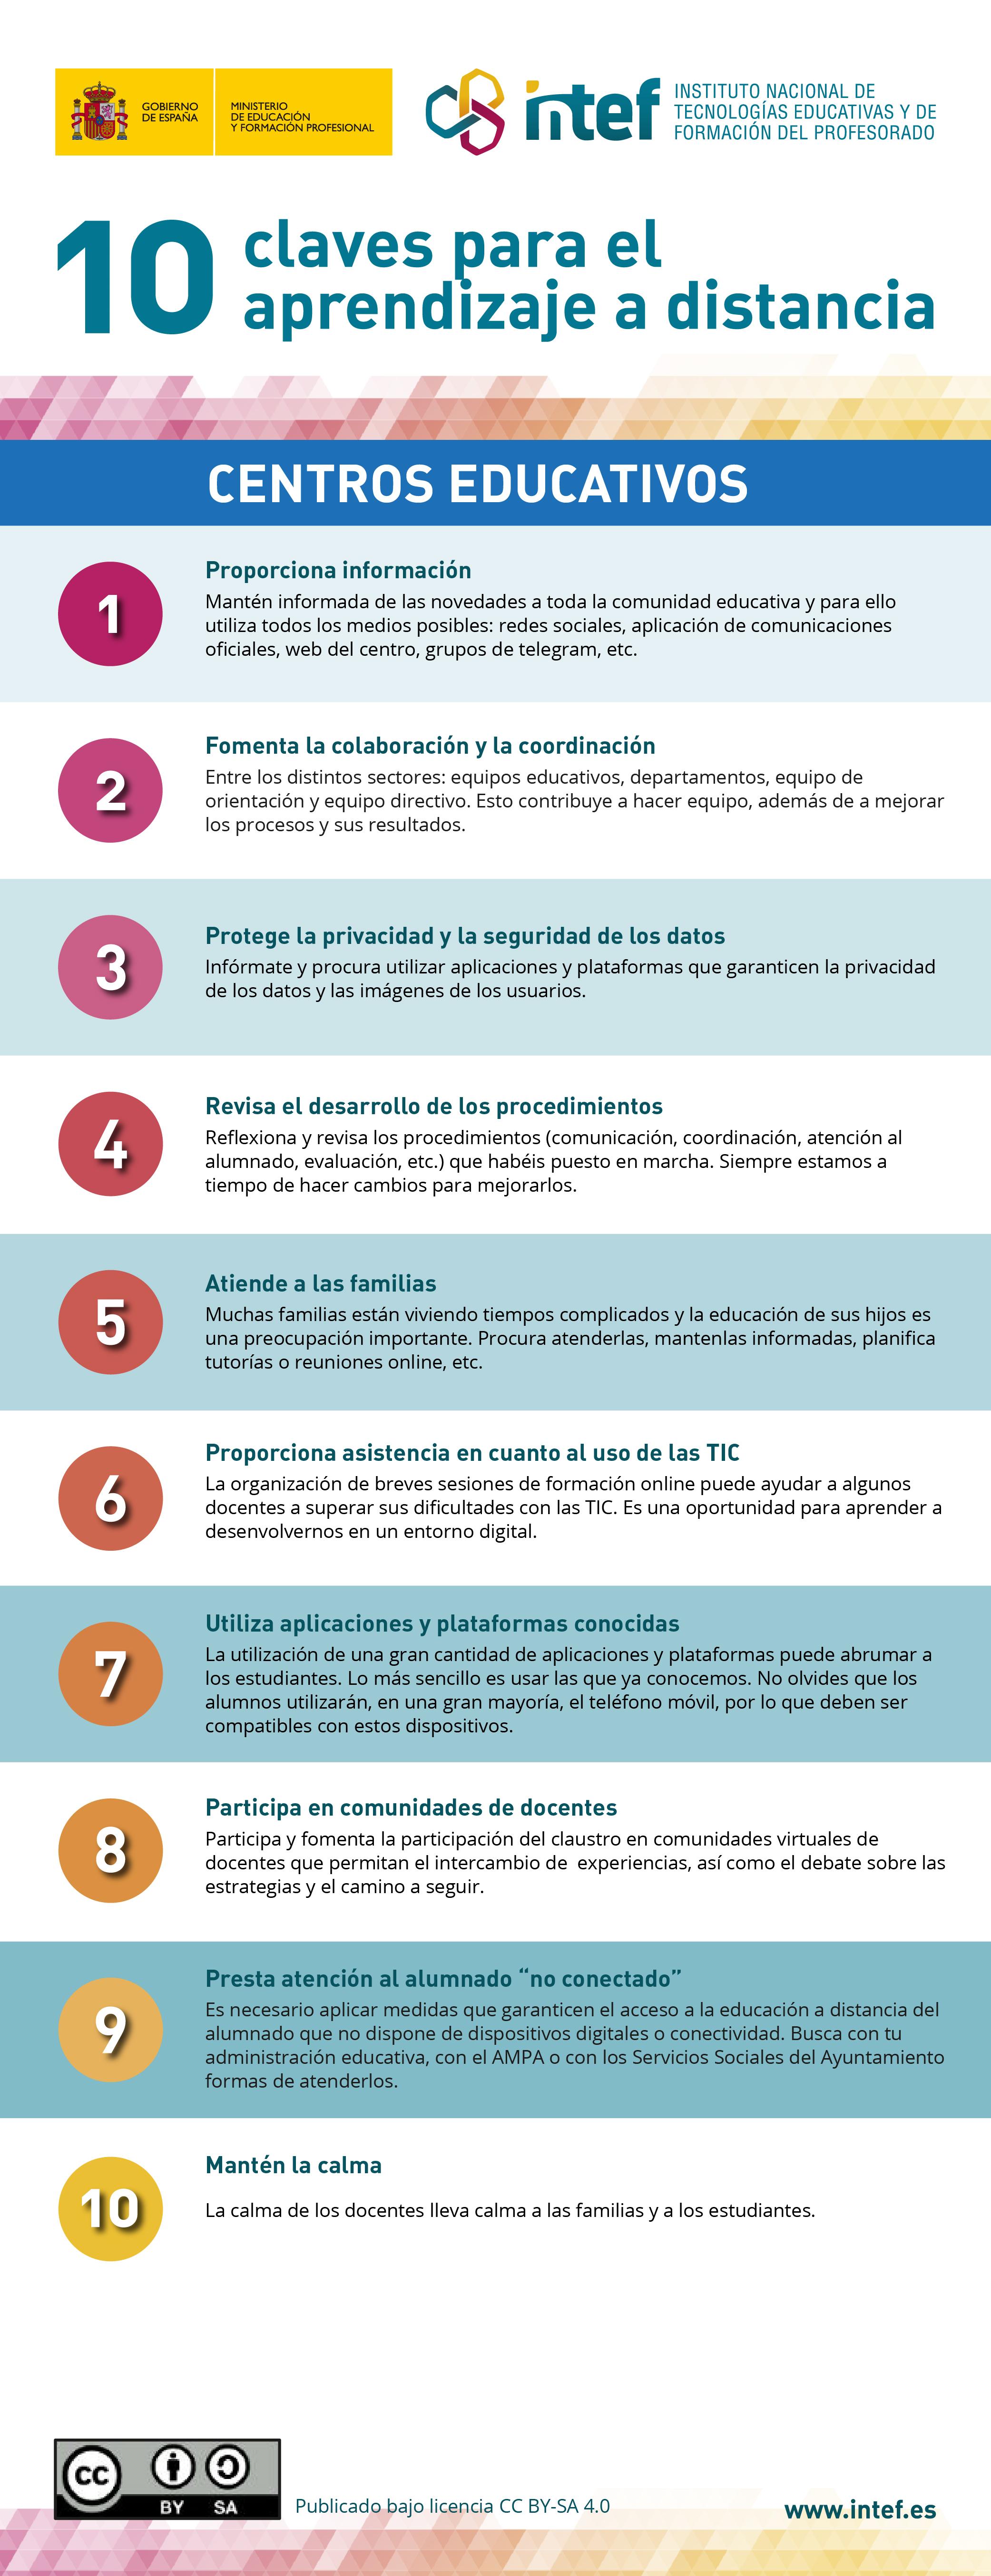 Centros educativos: 10 claves para el aprendizaje a distancia